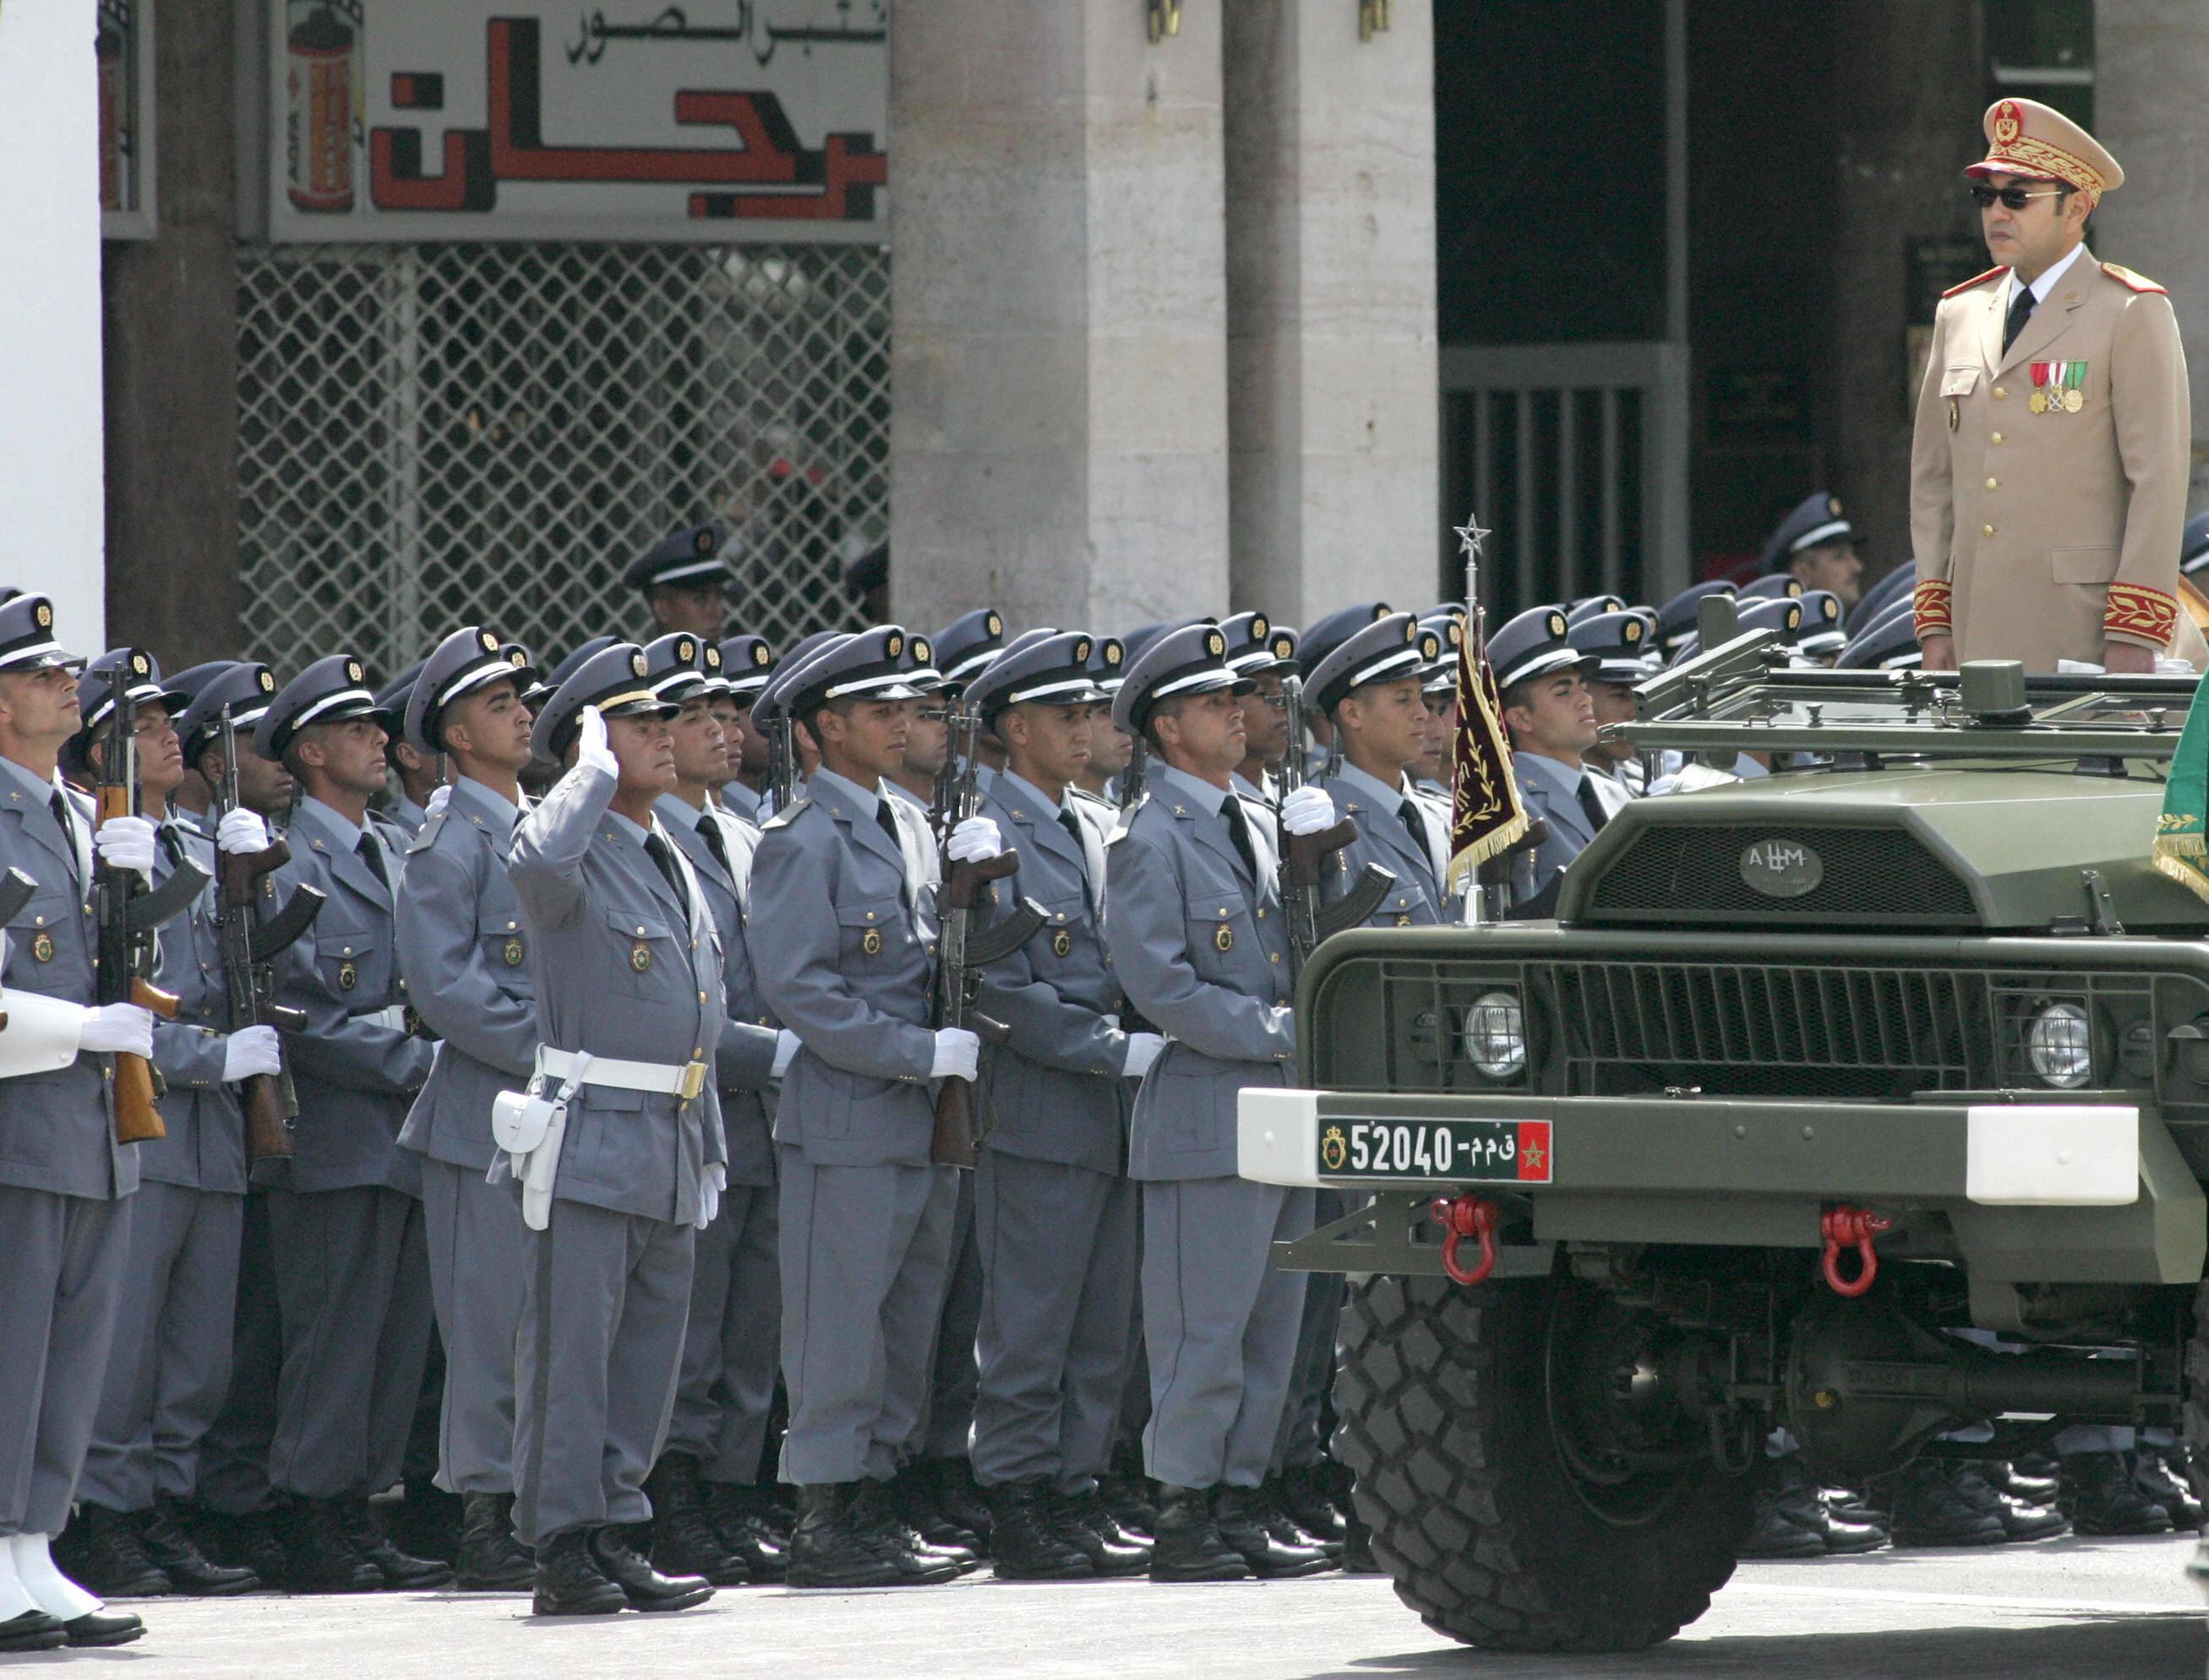 Le projet de loi sur le service militaire au Maroc examiné par le gouvernement